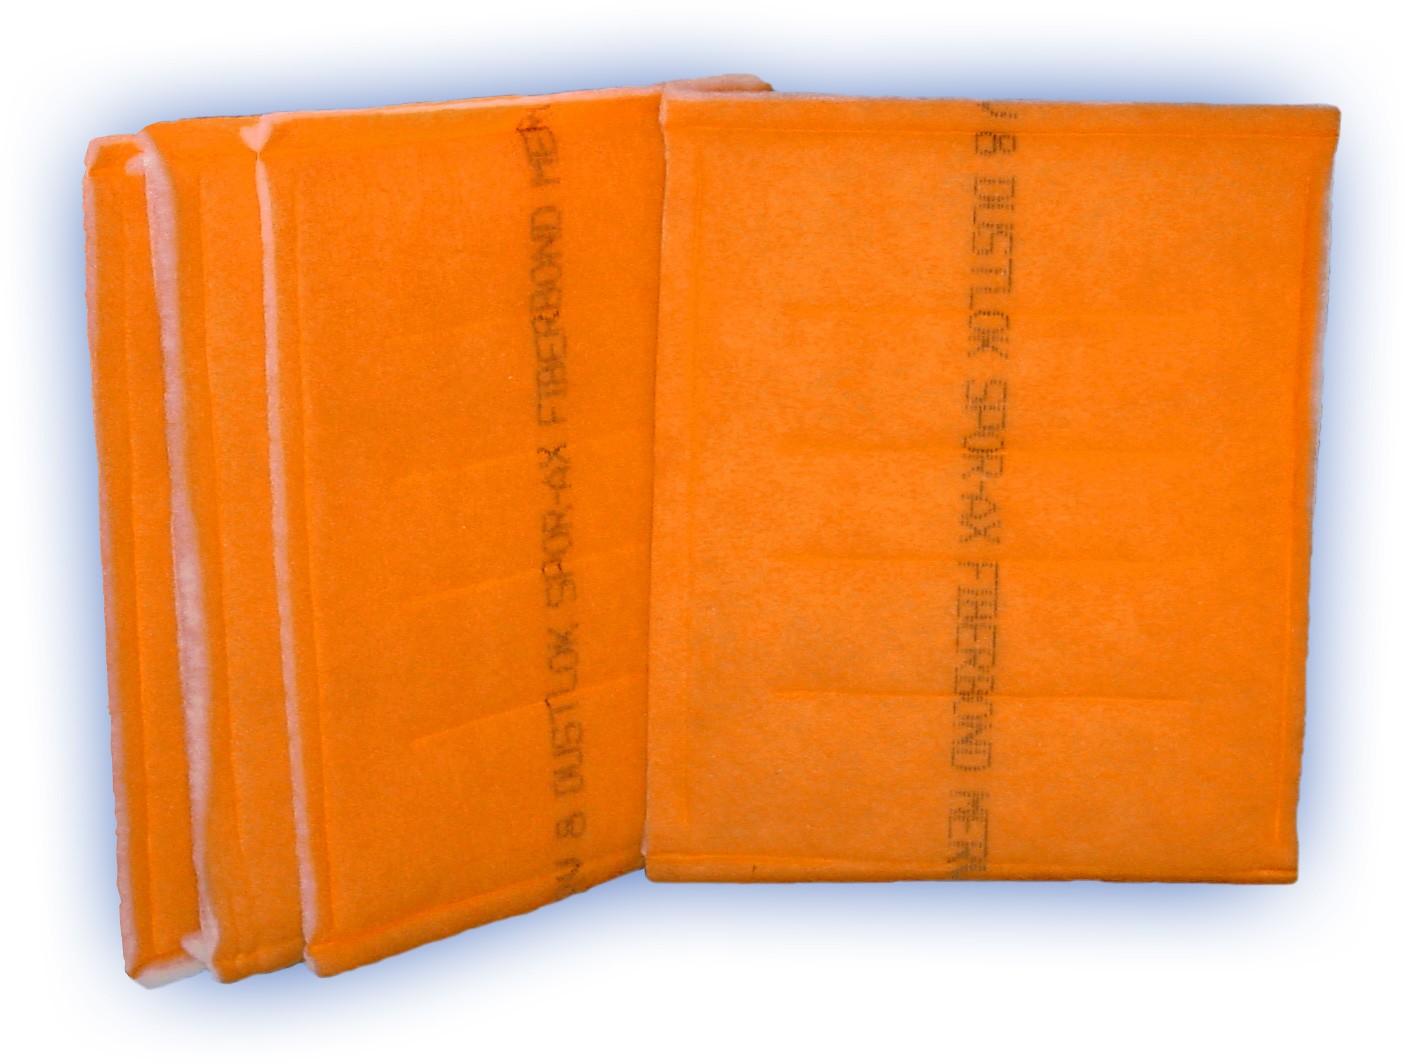 25 x 25 - Fiberbond DustLok 3-ply Panel Filter - MERV 9 (24-Pack)